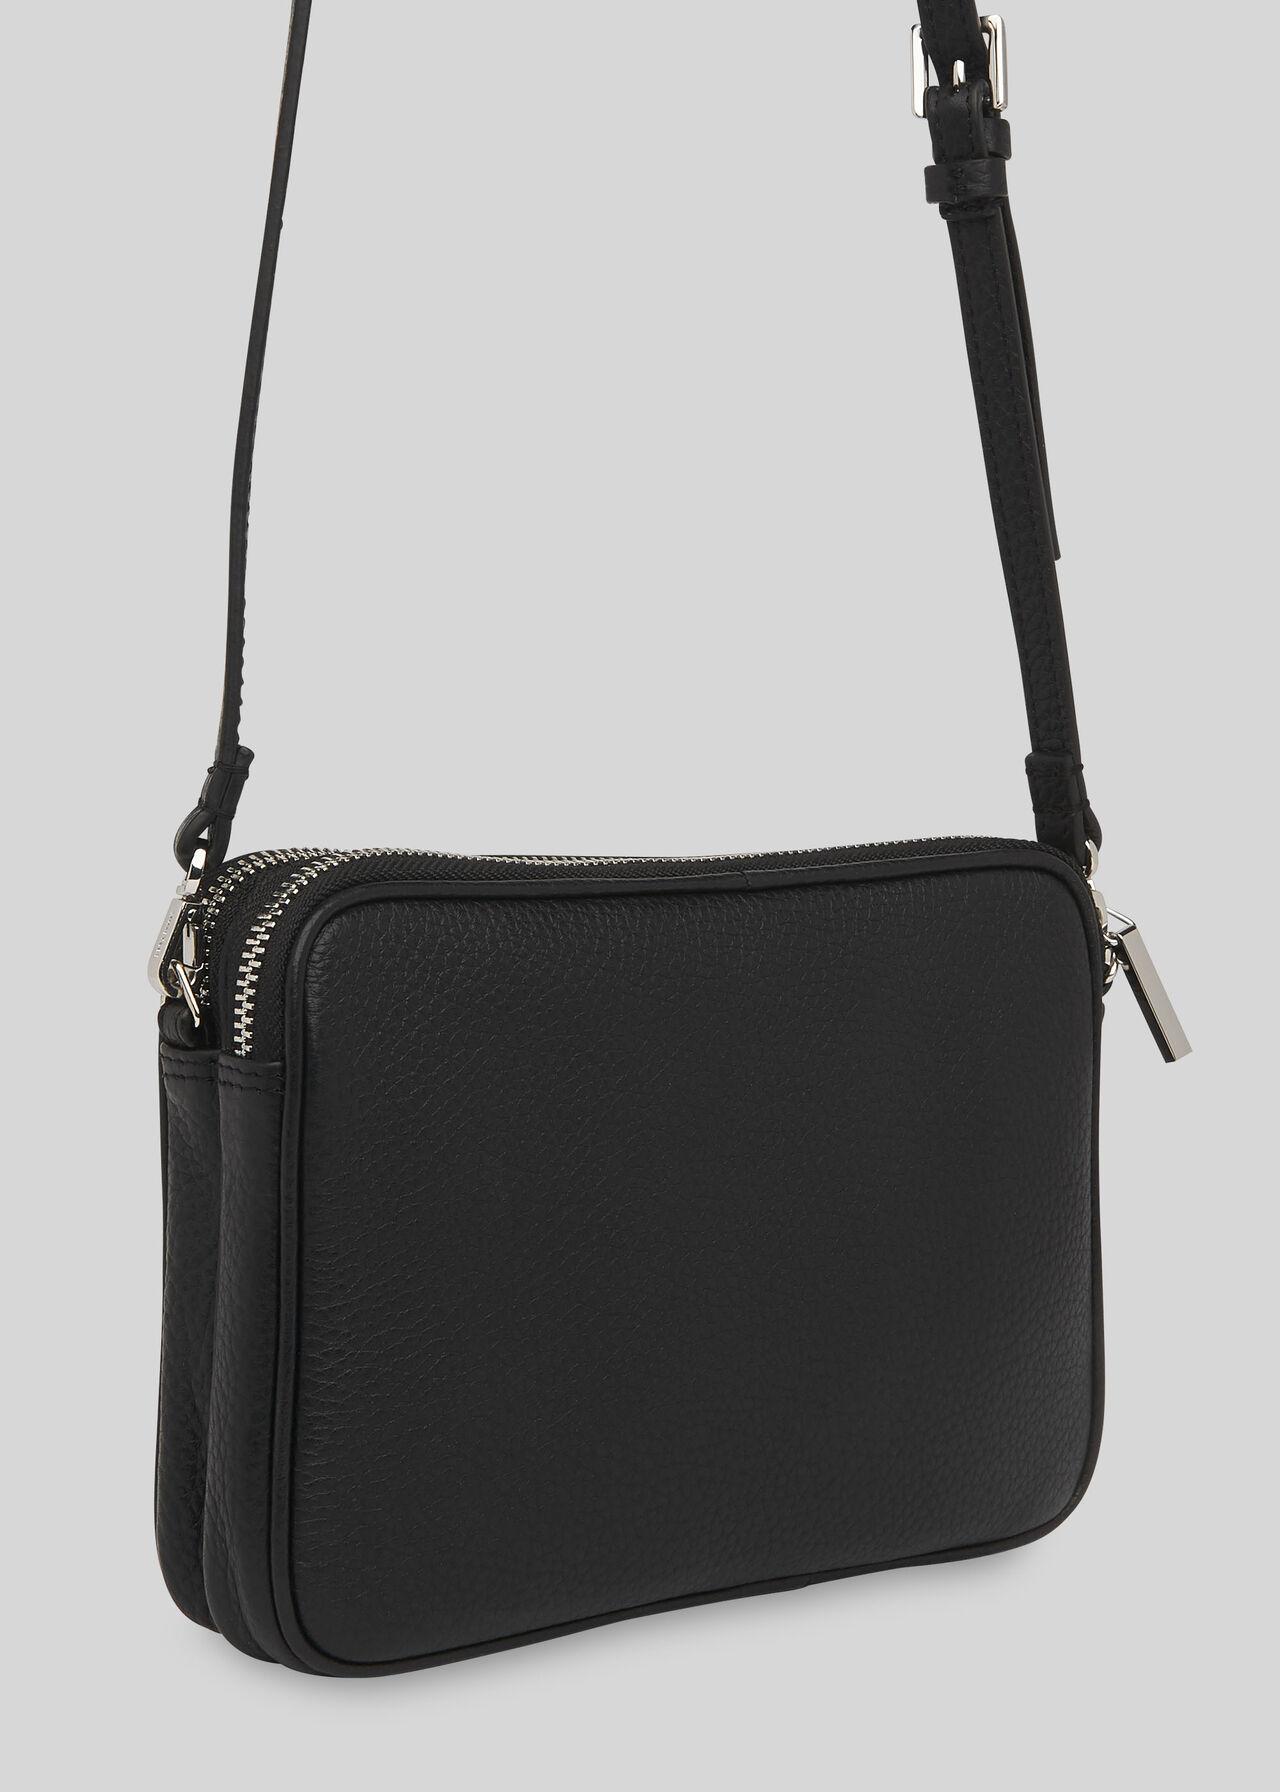 Cami Crossbody Bag Black